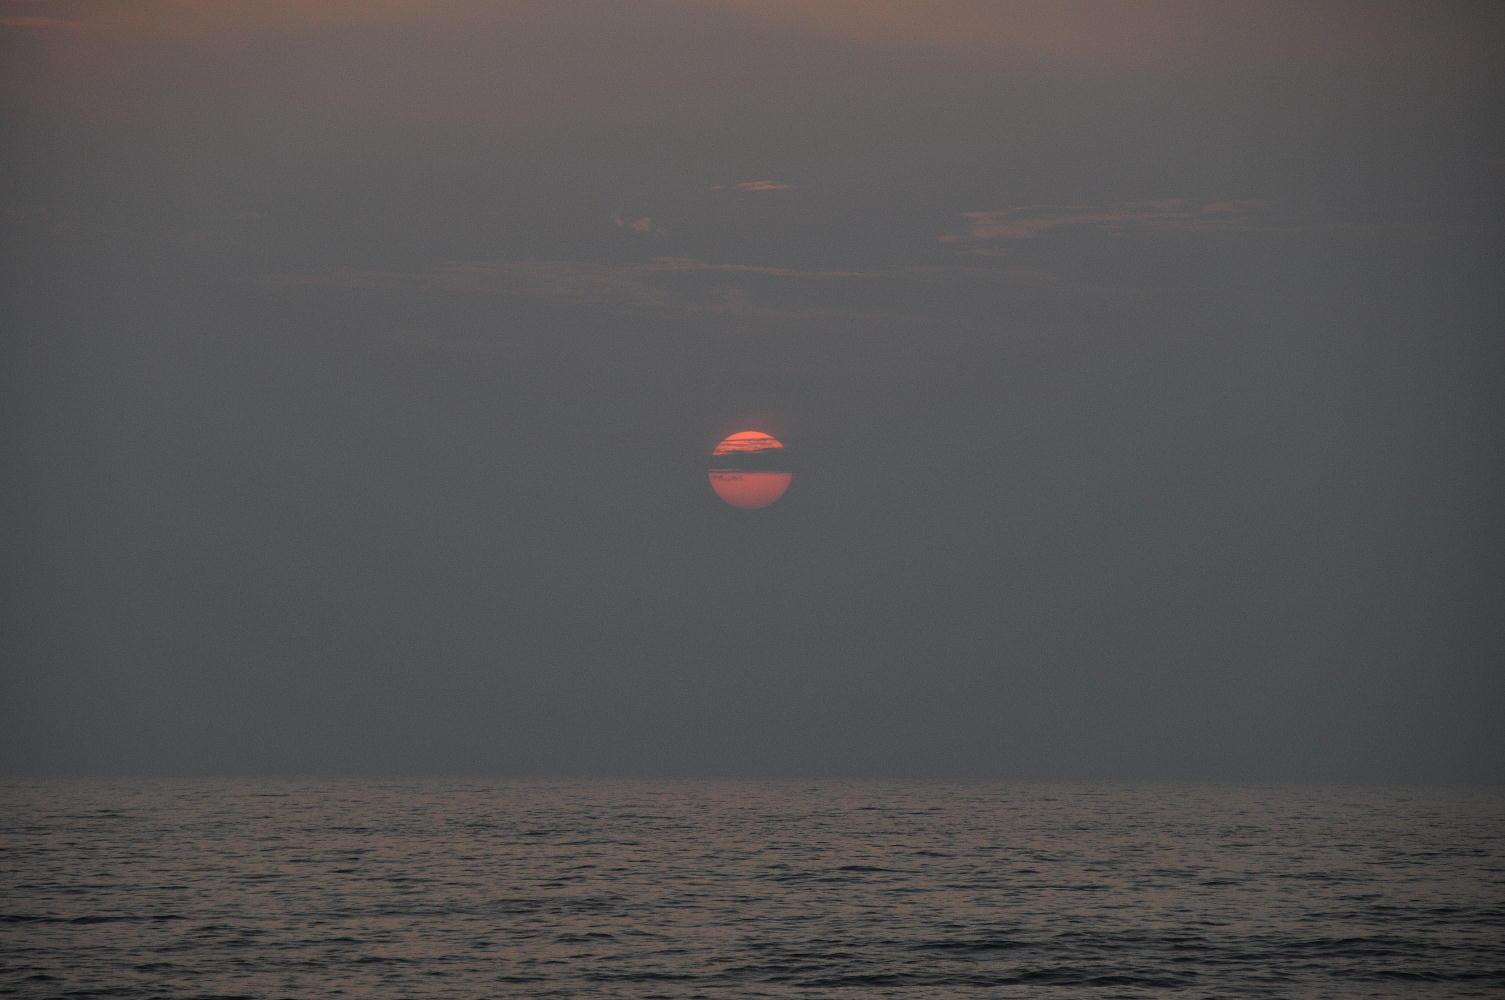 土星型太陽